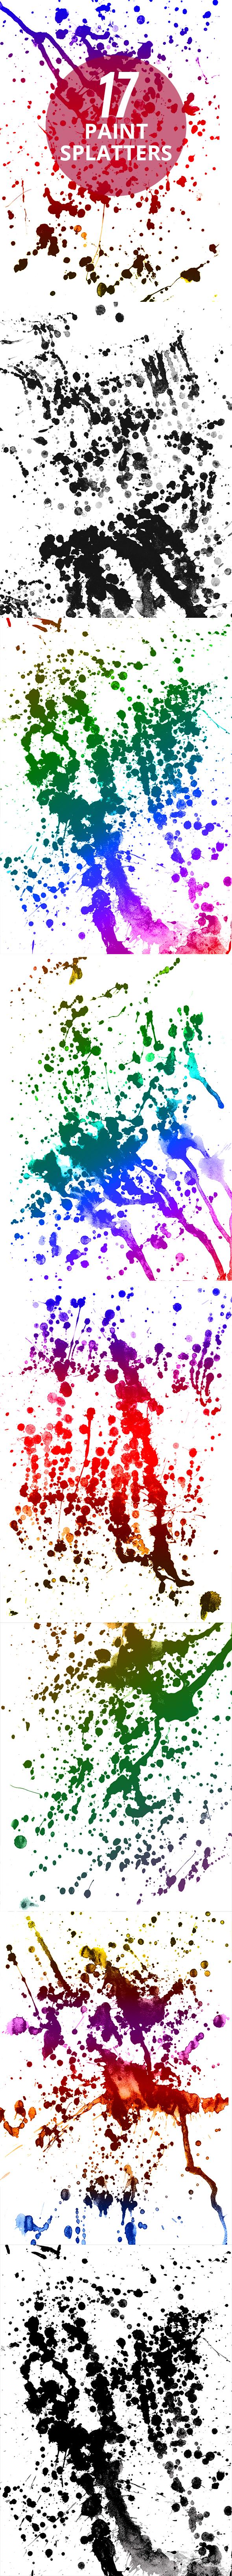 17-paint-splatter-brushes